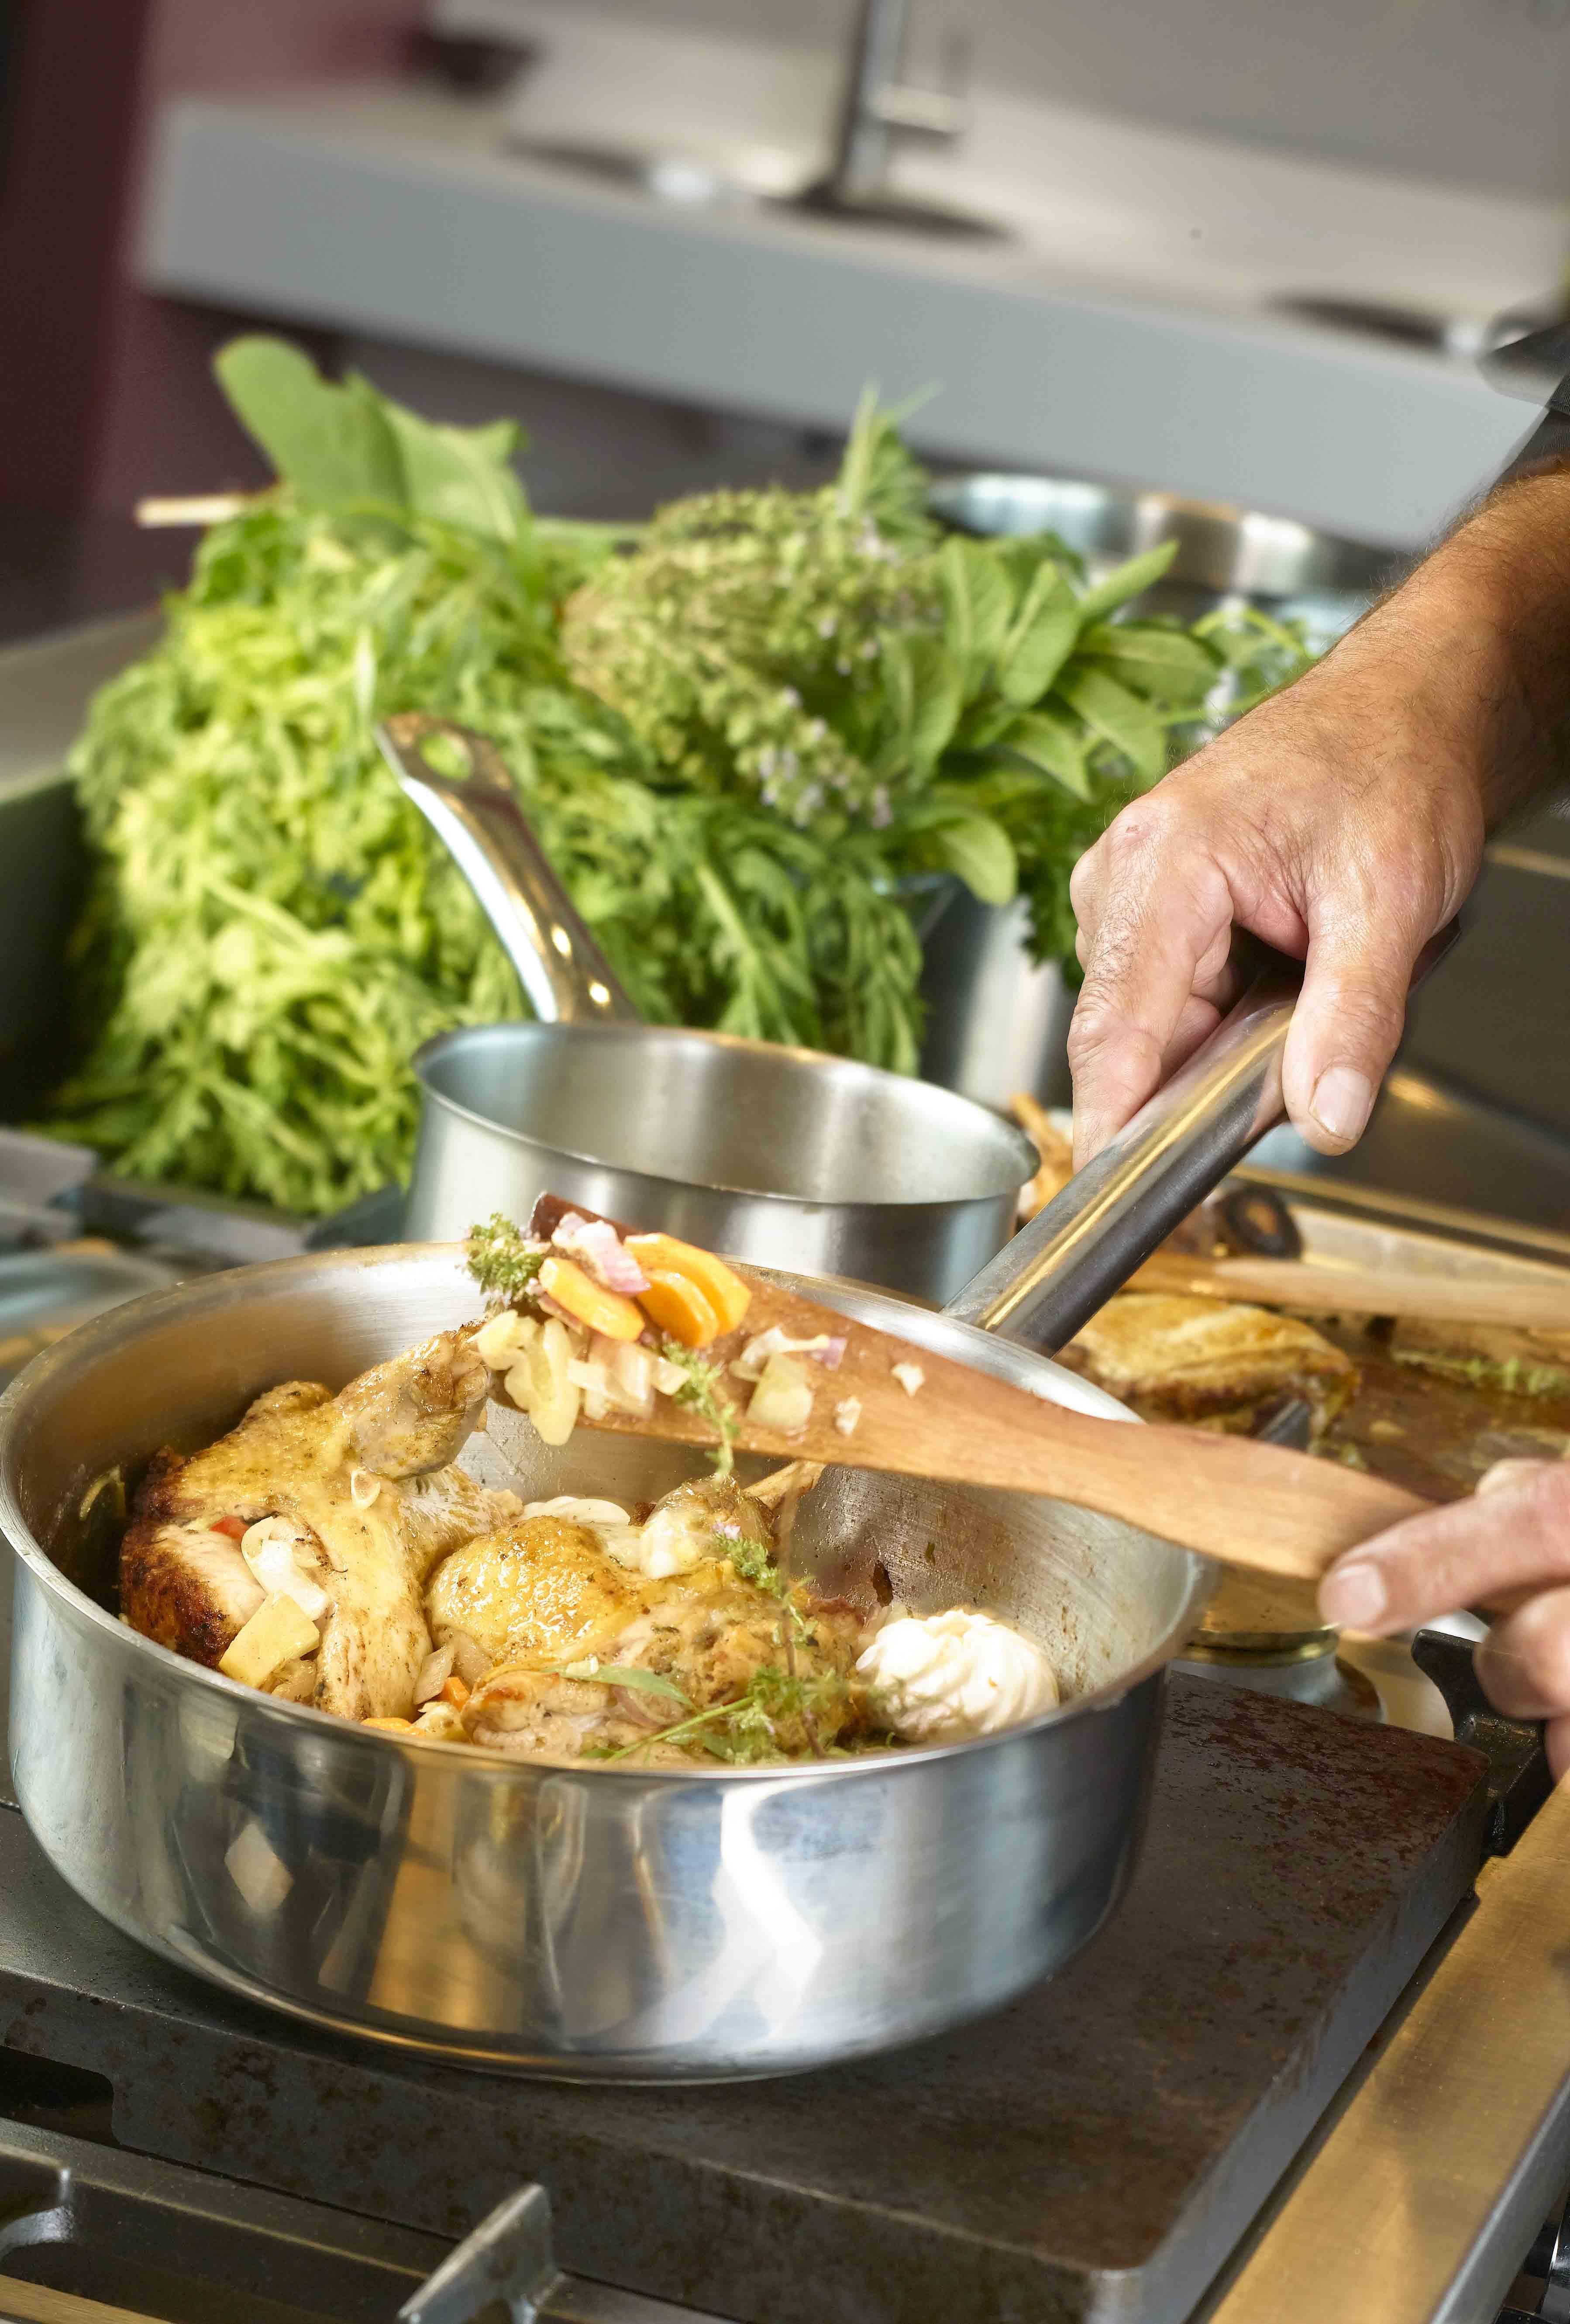 cours de cuisine caen exemple de cours de cuisine chef du jour ou cuisinier press du djeuner. Black Bedroom Furniture Sets. Home Design Ideas